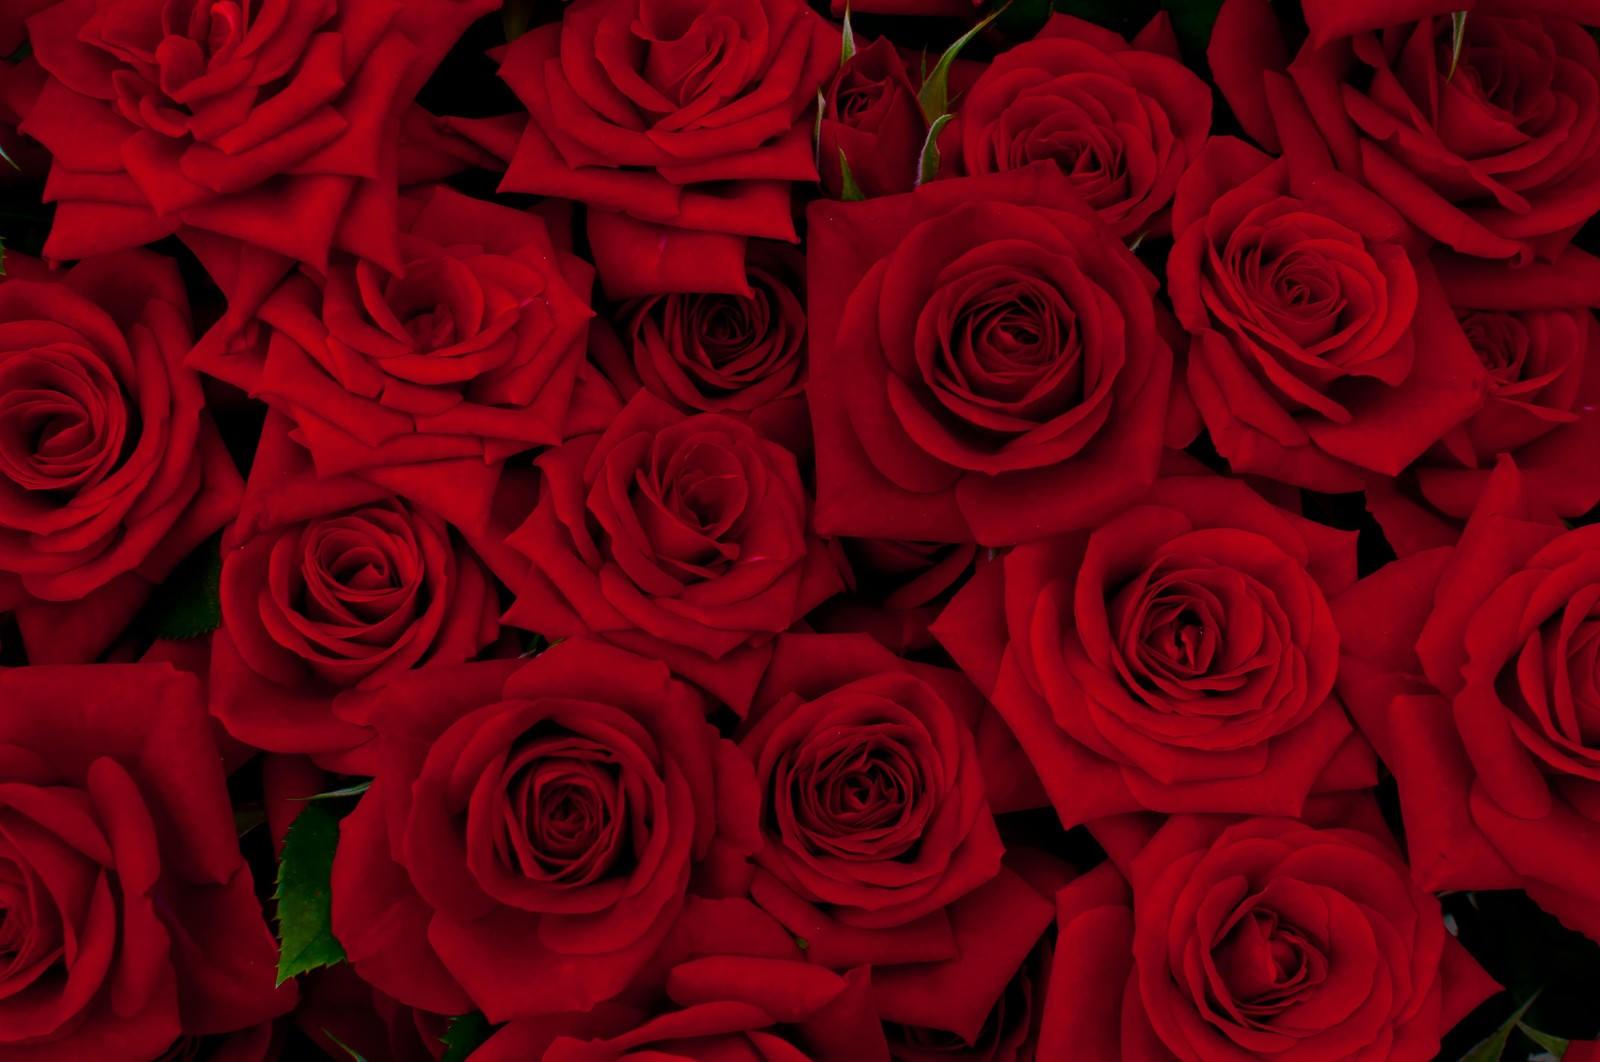 「赤い剣弁咲のバラ | 写真の無料素材・フリー素材 - ぱくたそ」の写真